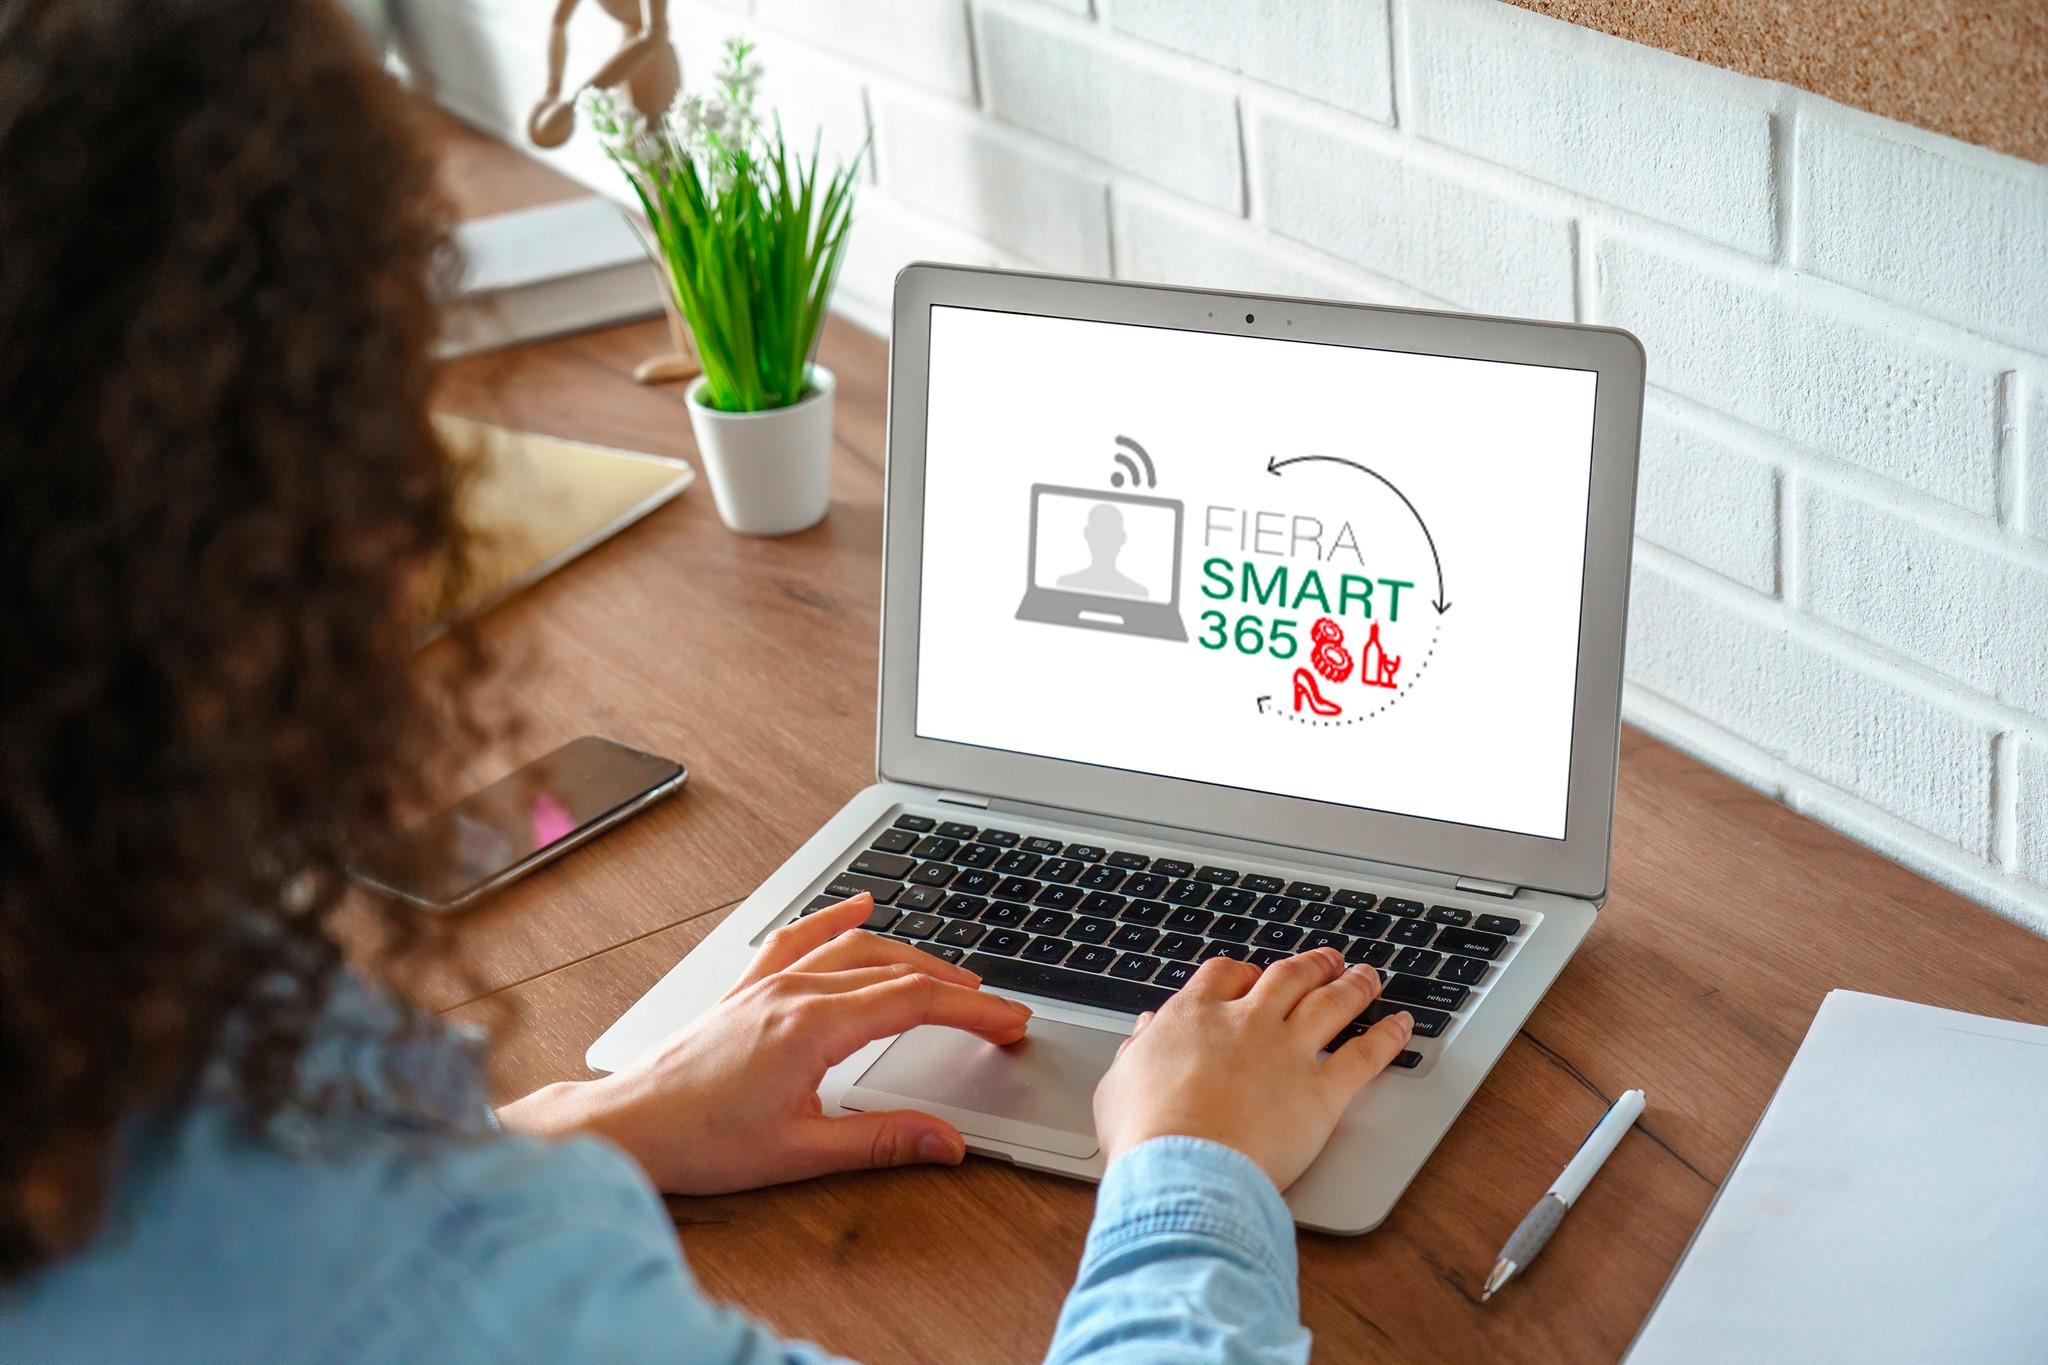 Fiera Smart 365, Regione e Ice per la ripartenza delle imprese